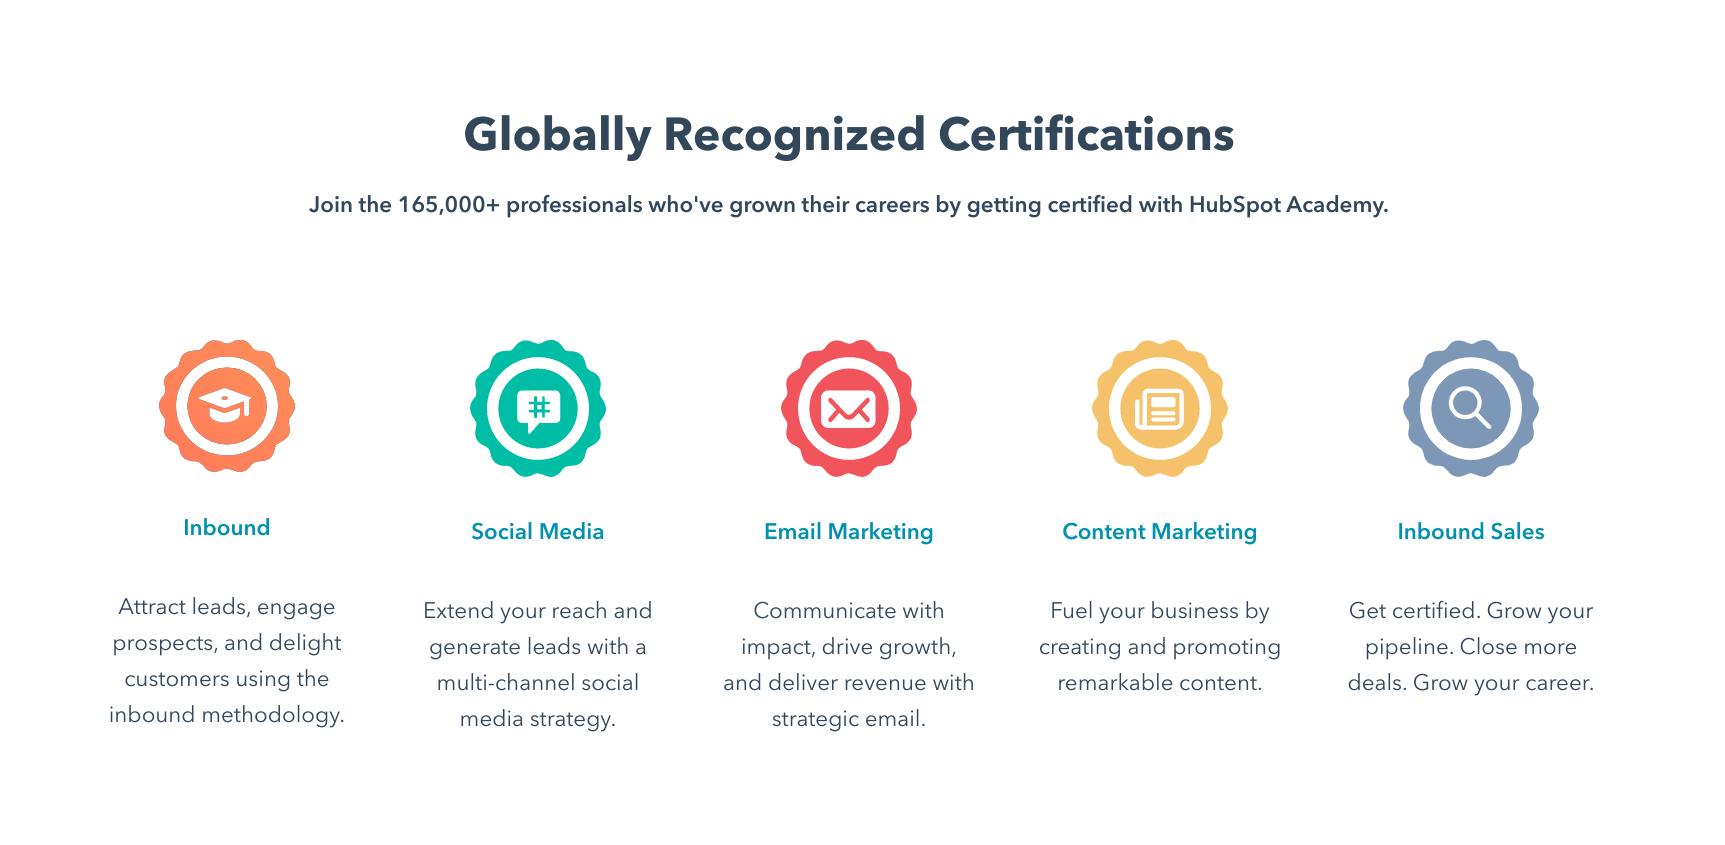 HubSpot: come funzionano le certificazioni dell'Academy